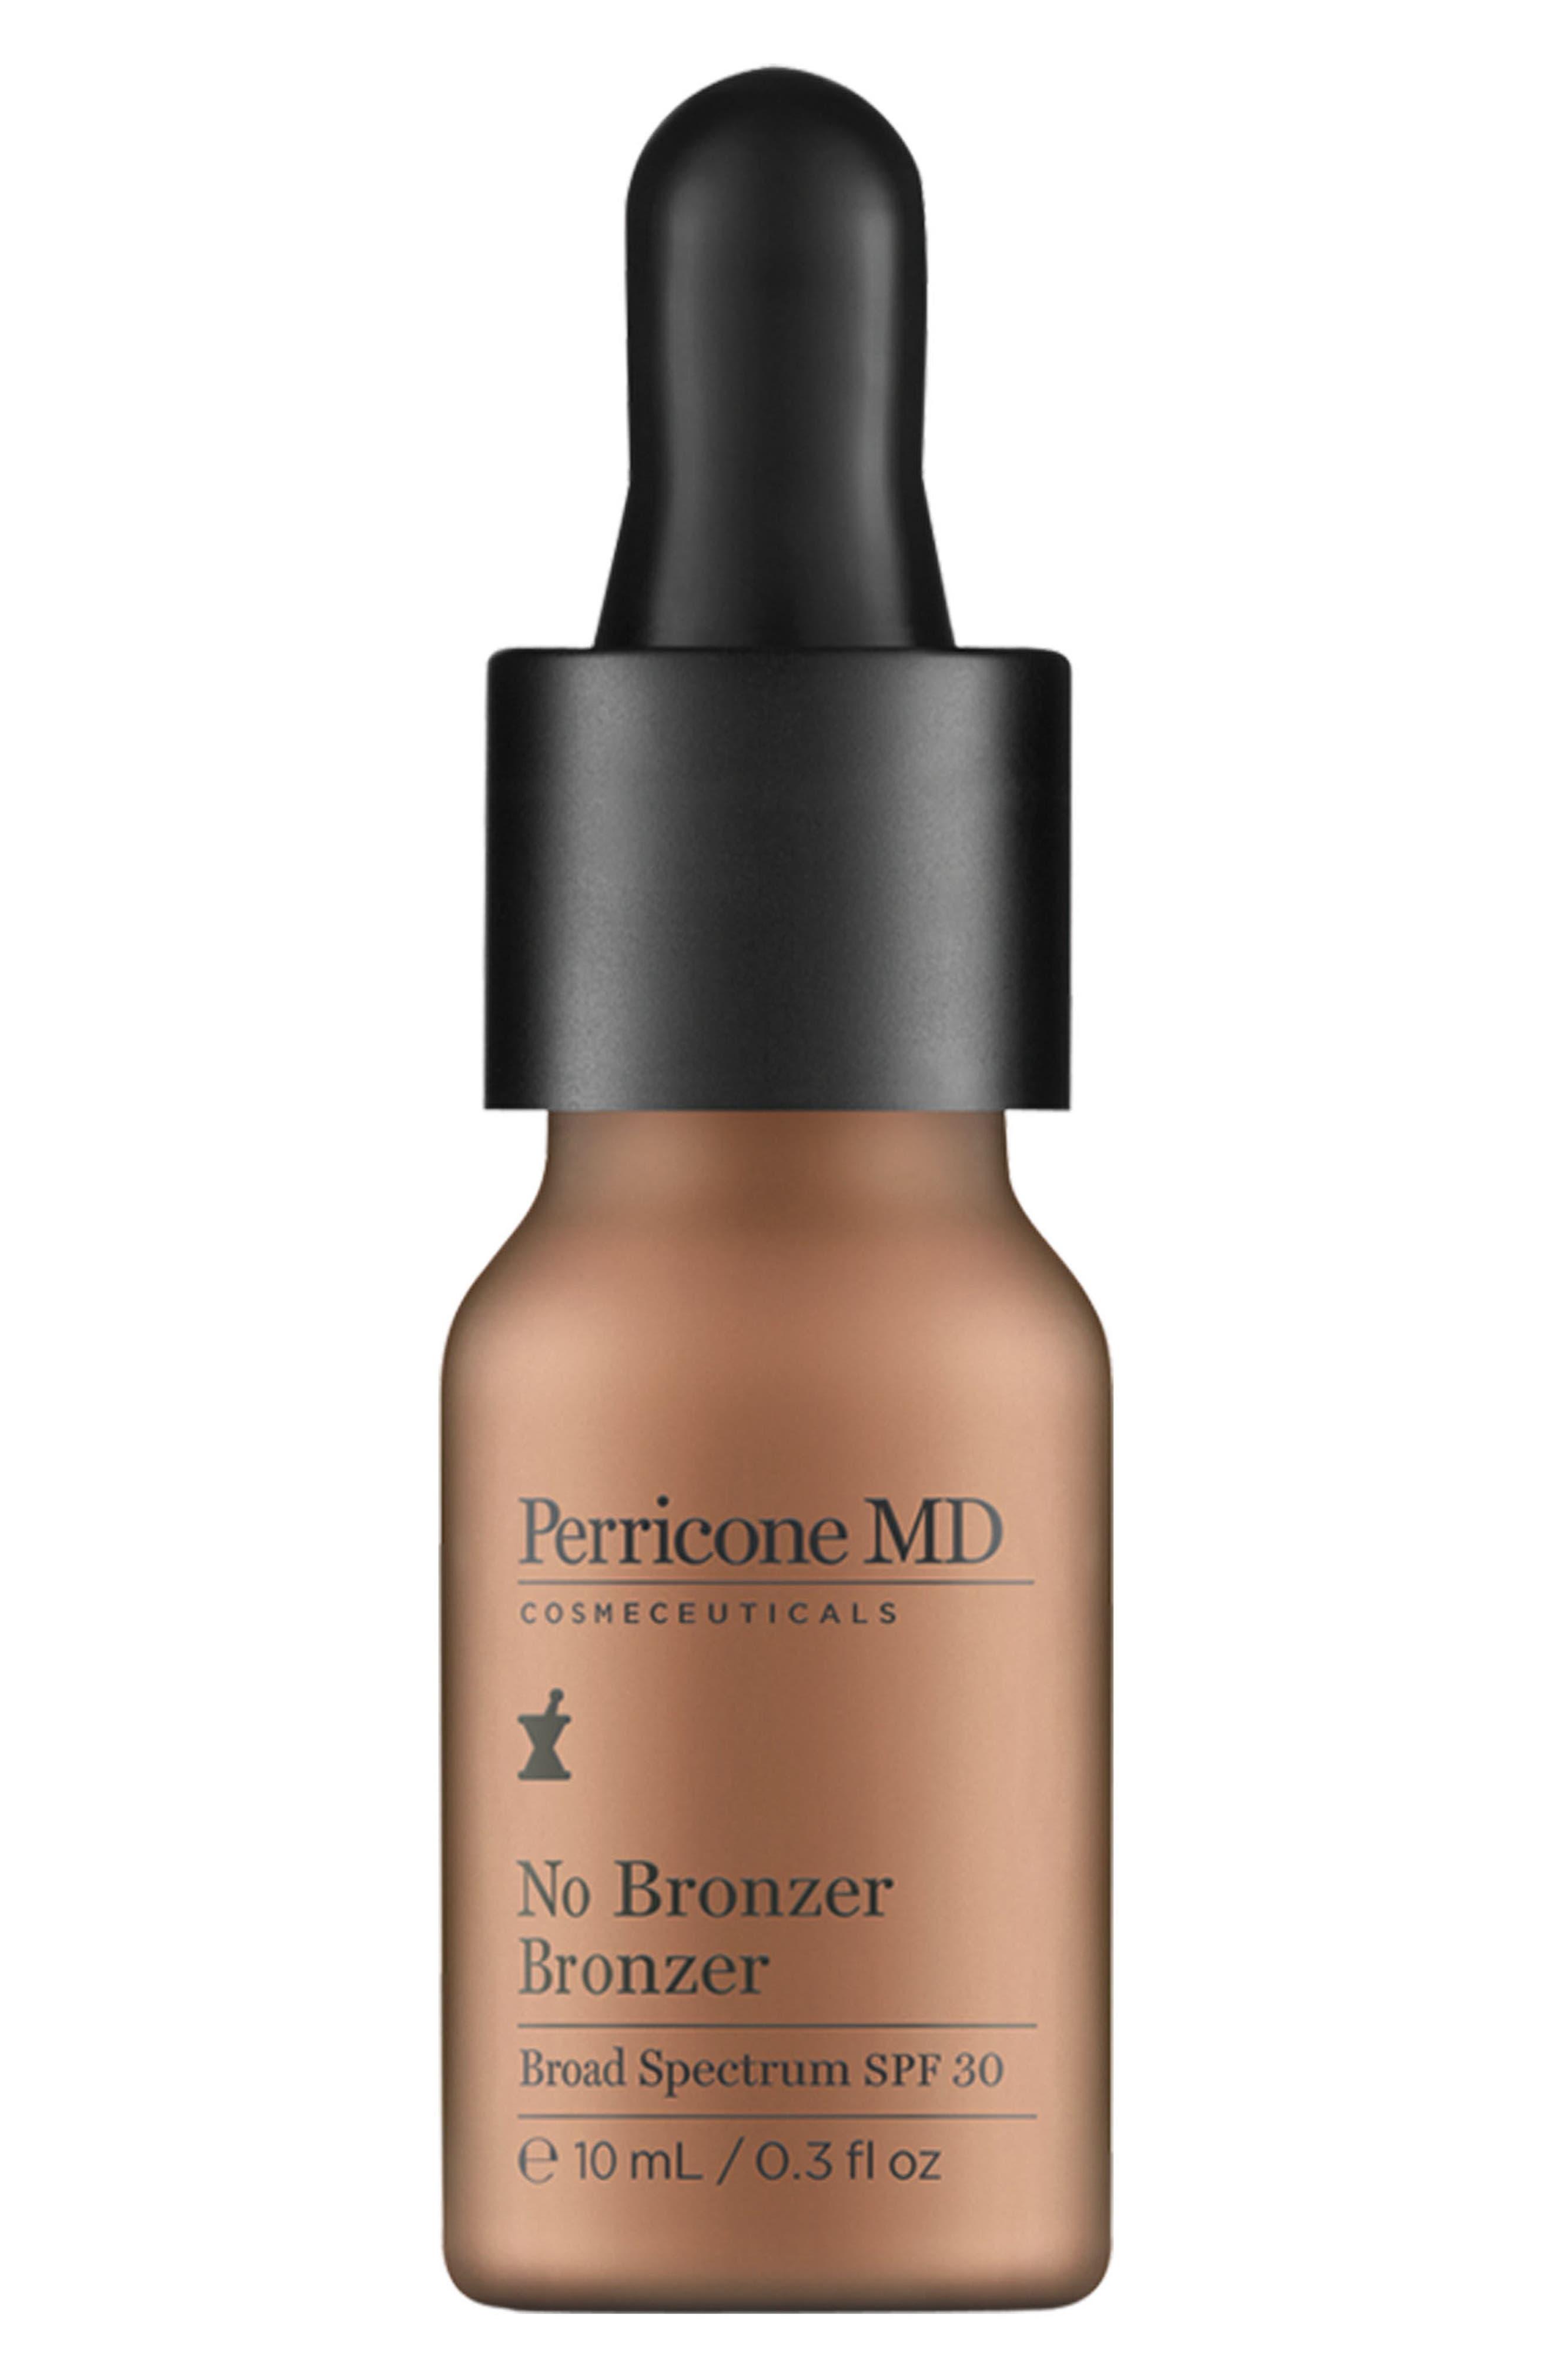 Perricone MD No Bronzer Bronzer Broad Spectrum SPF 30